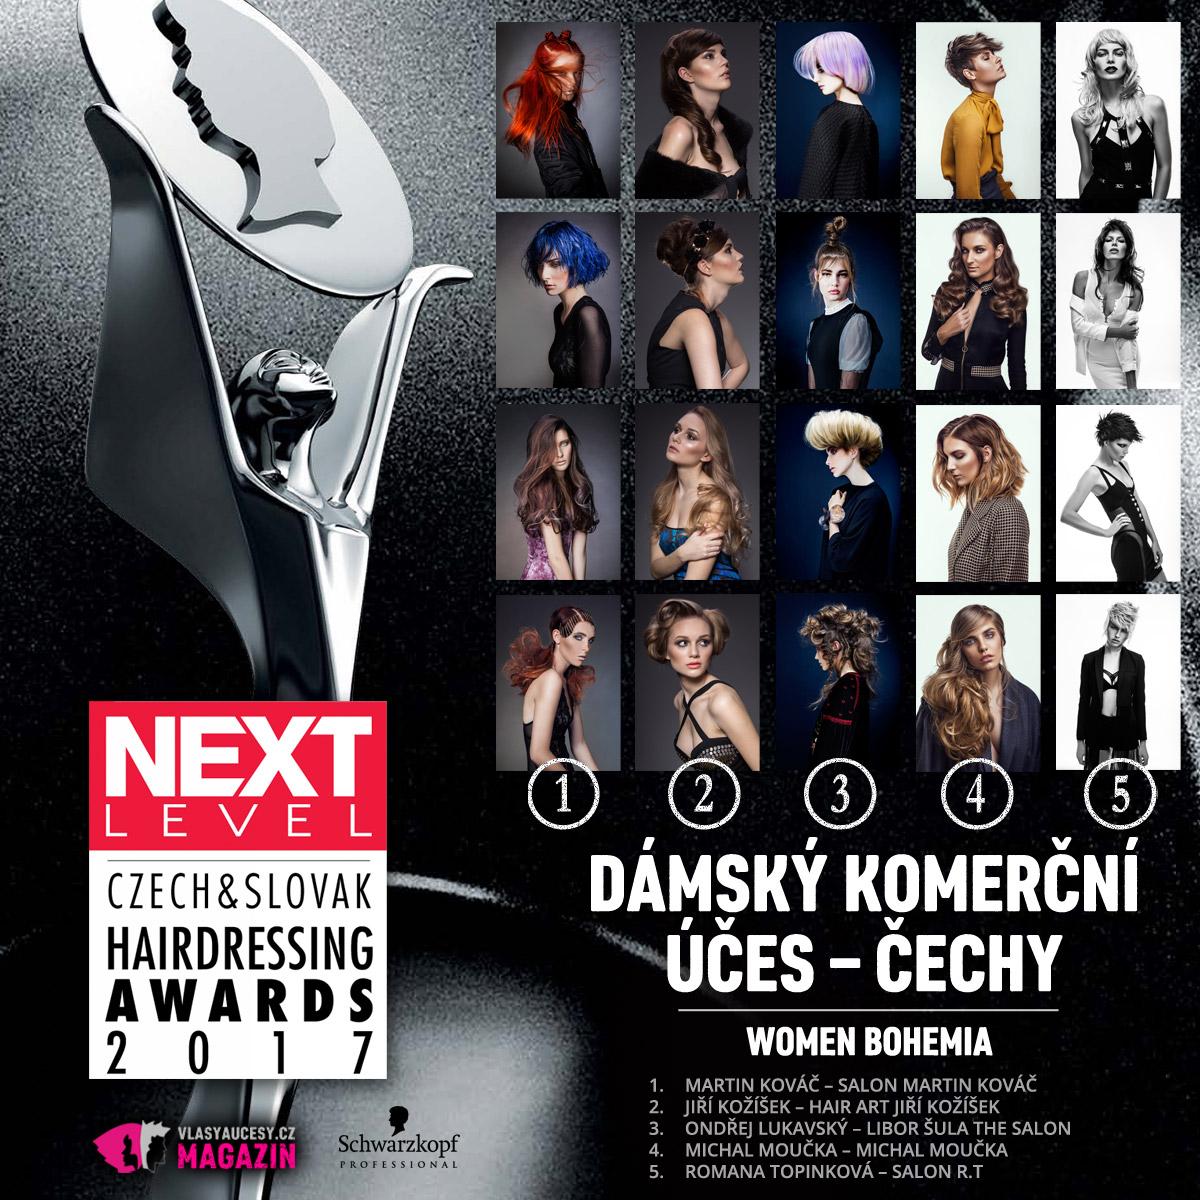 Czech&Slovak Hairdressing Awards 2017 – kategorie Dámský komerční účes Čechy.